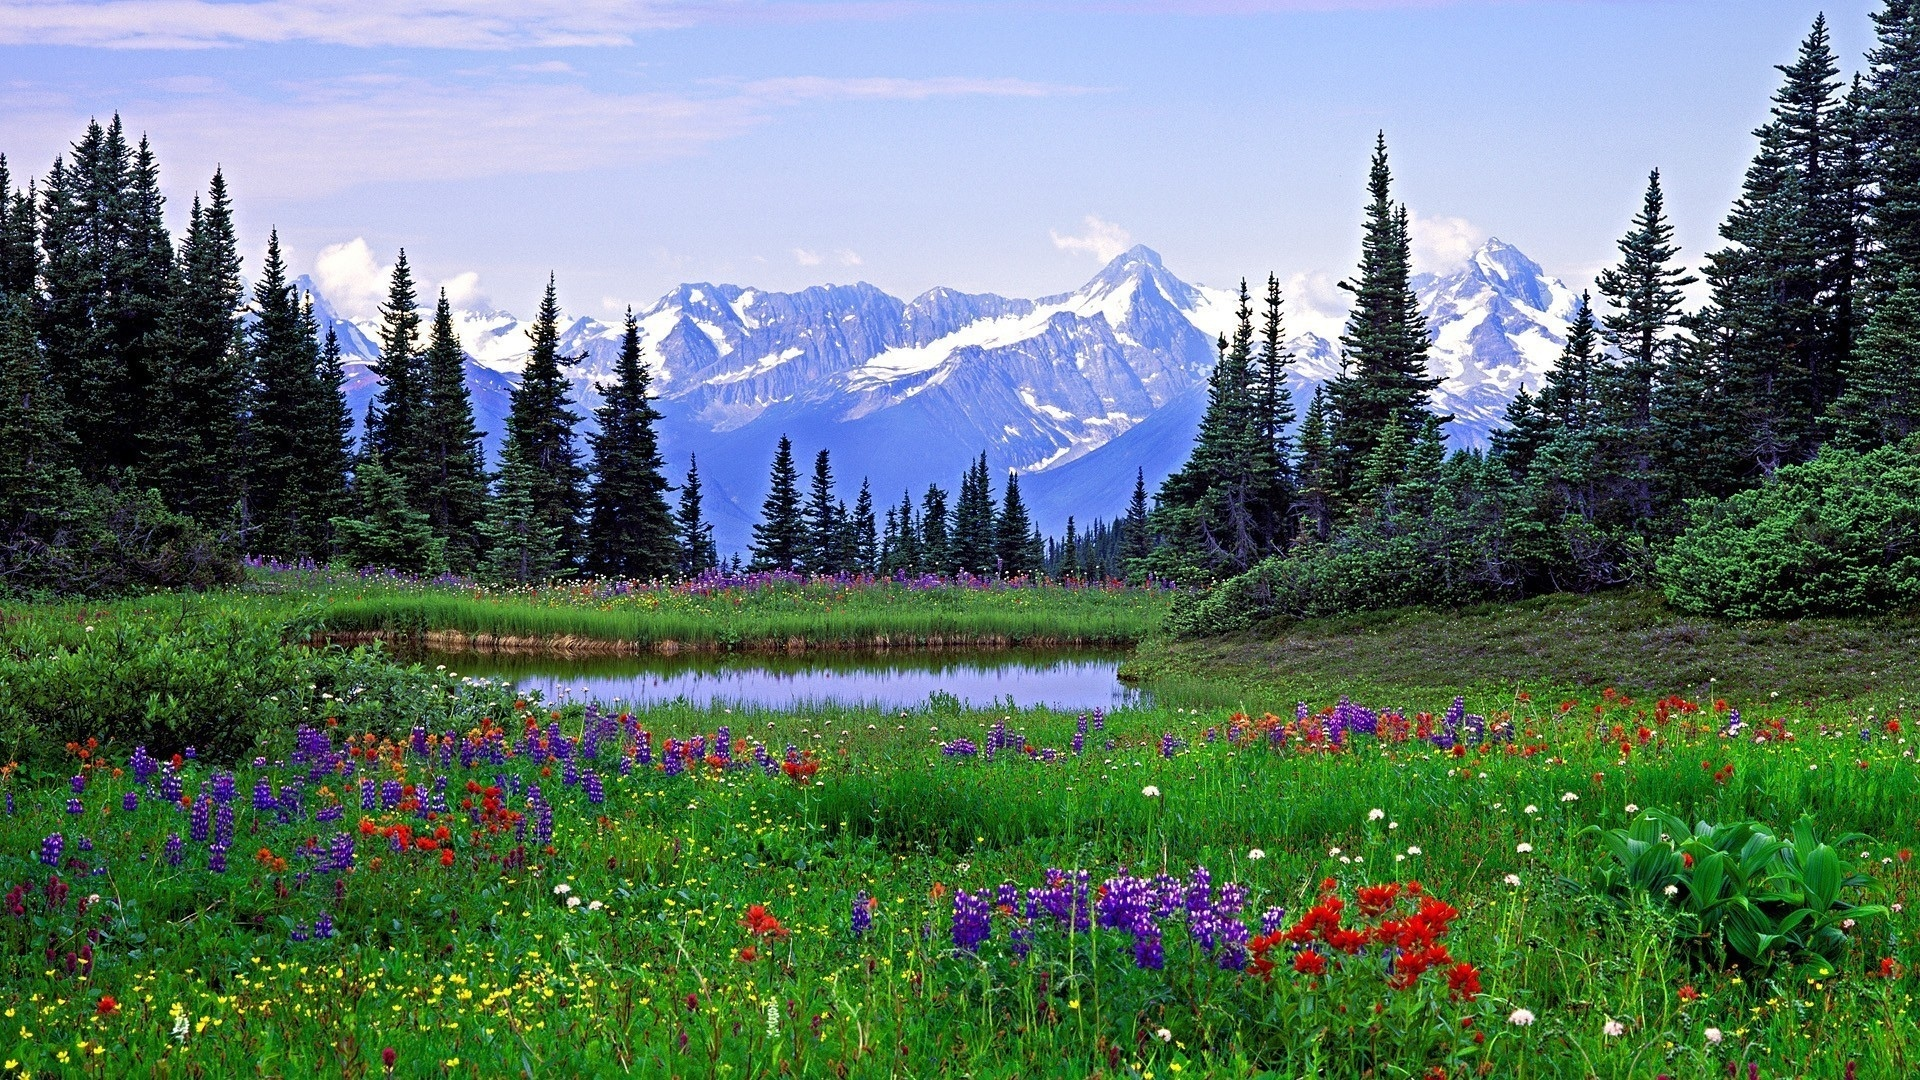 цветочная поляна без регистрации